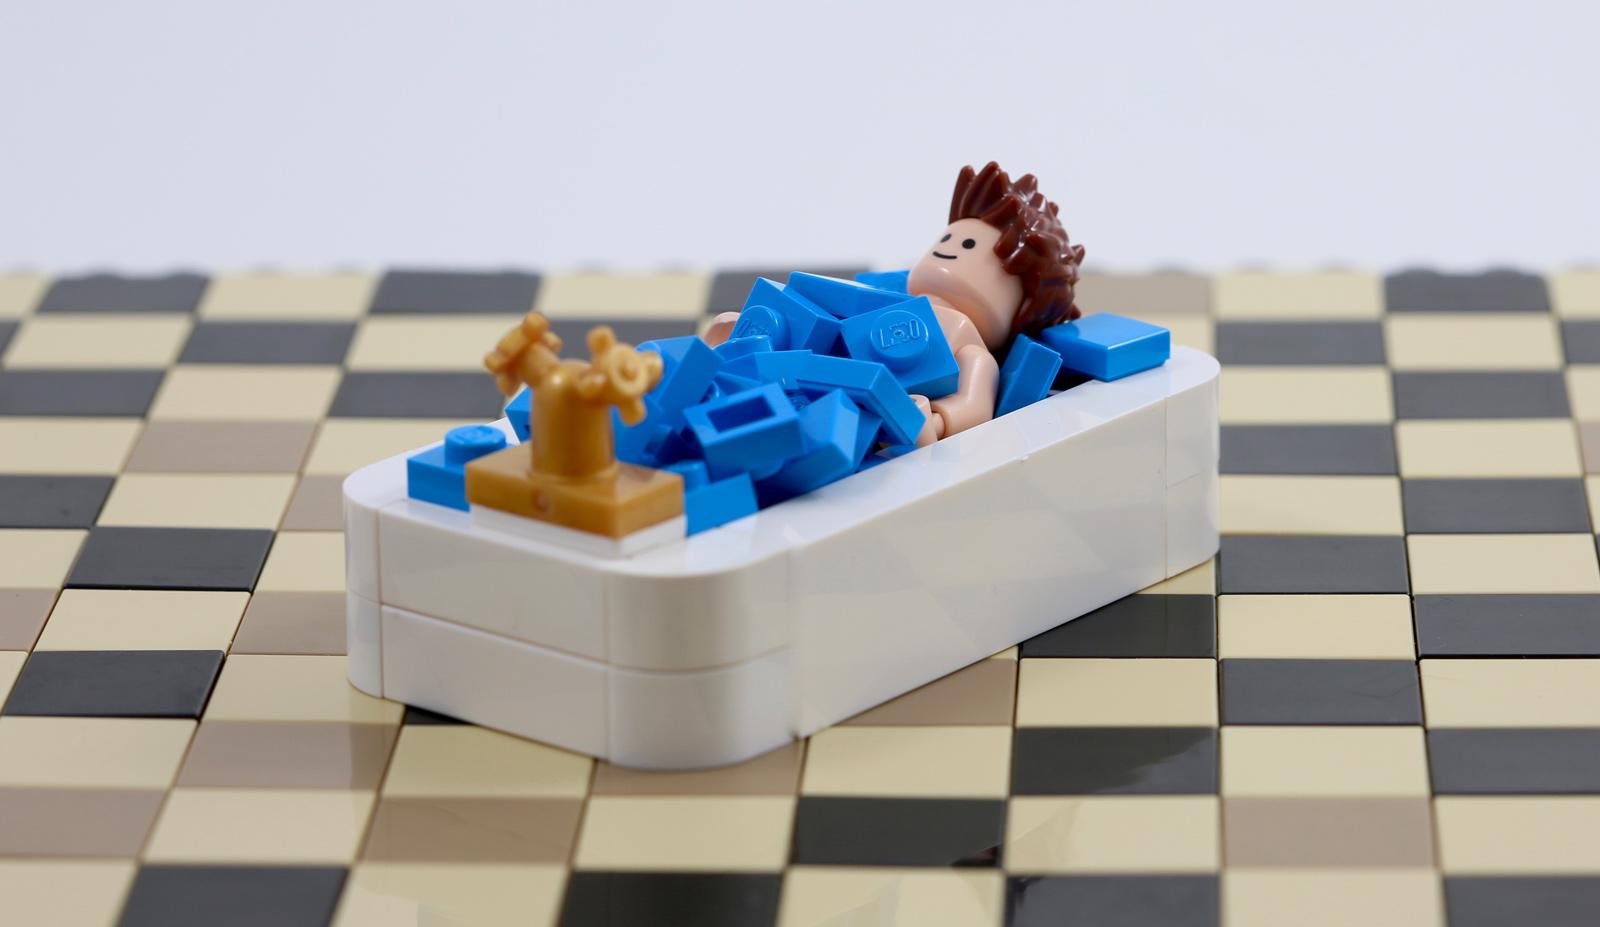 Zabawki konstrukcyjne LEGO LEGO 99781 BRACKET 1x2-1x2 MEDIUM STONE GREY QTY x 15 BRAND NEW PARTS